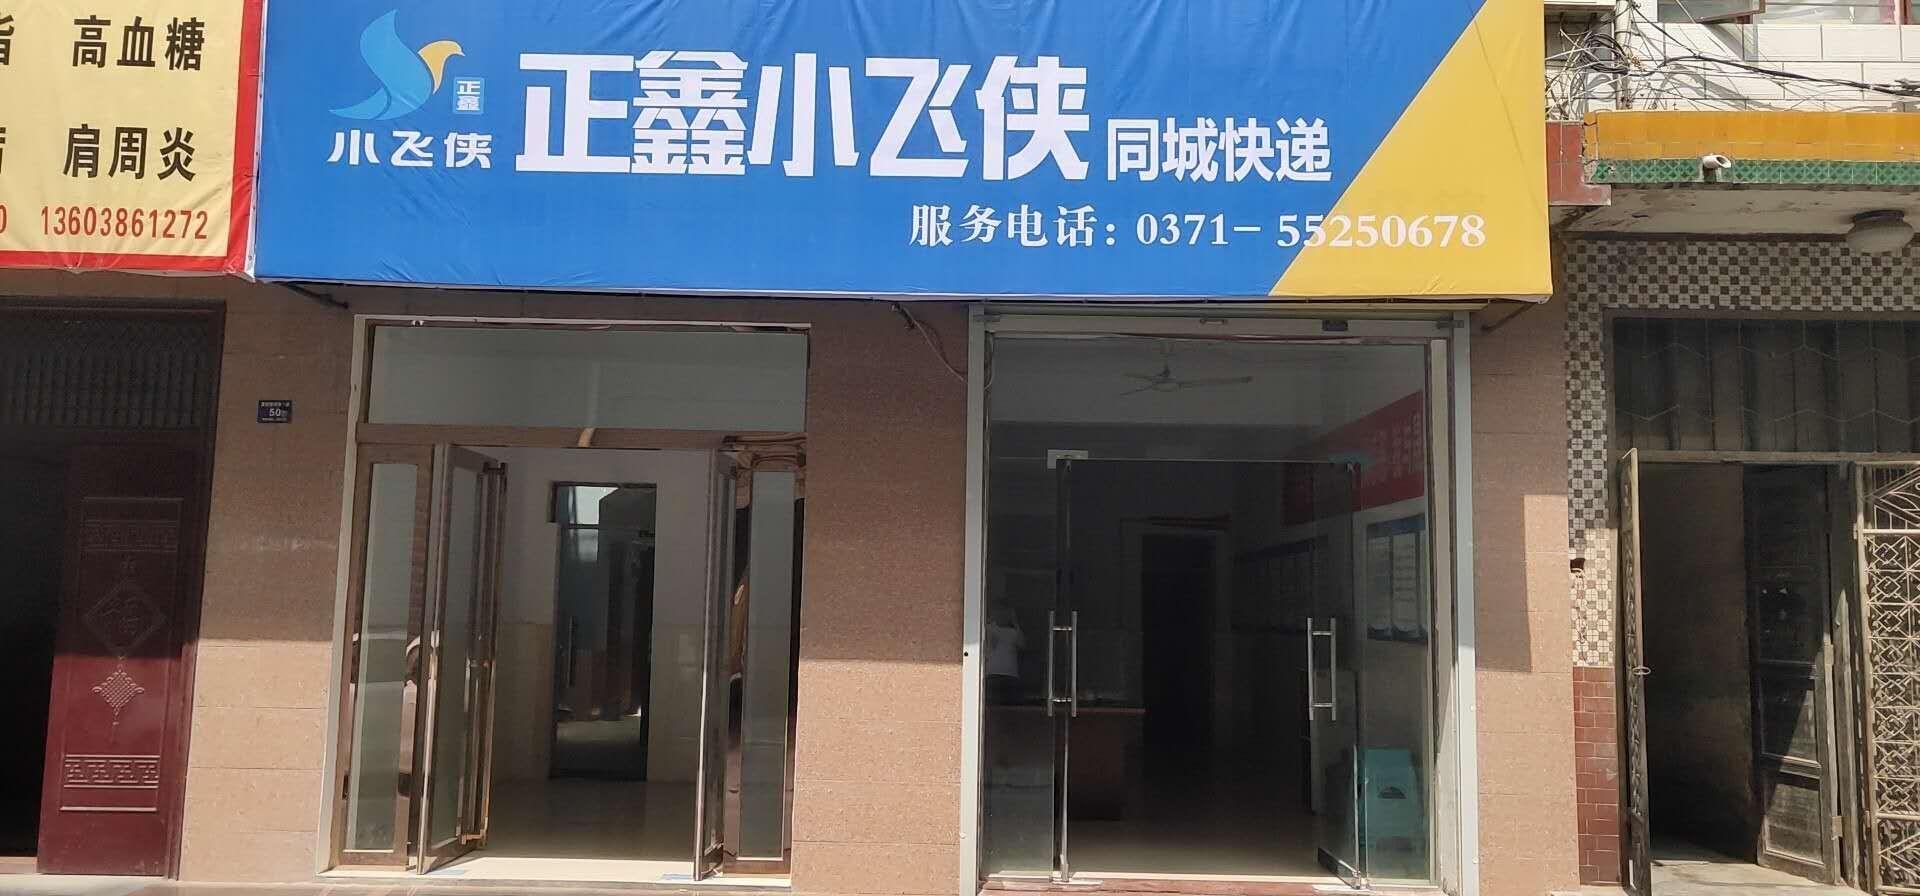 郑州市兴通运输有限公司